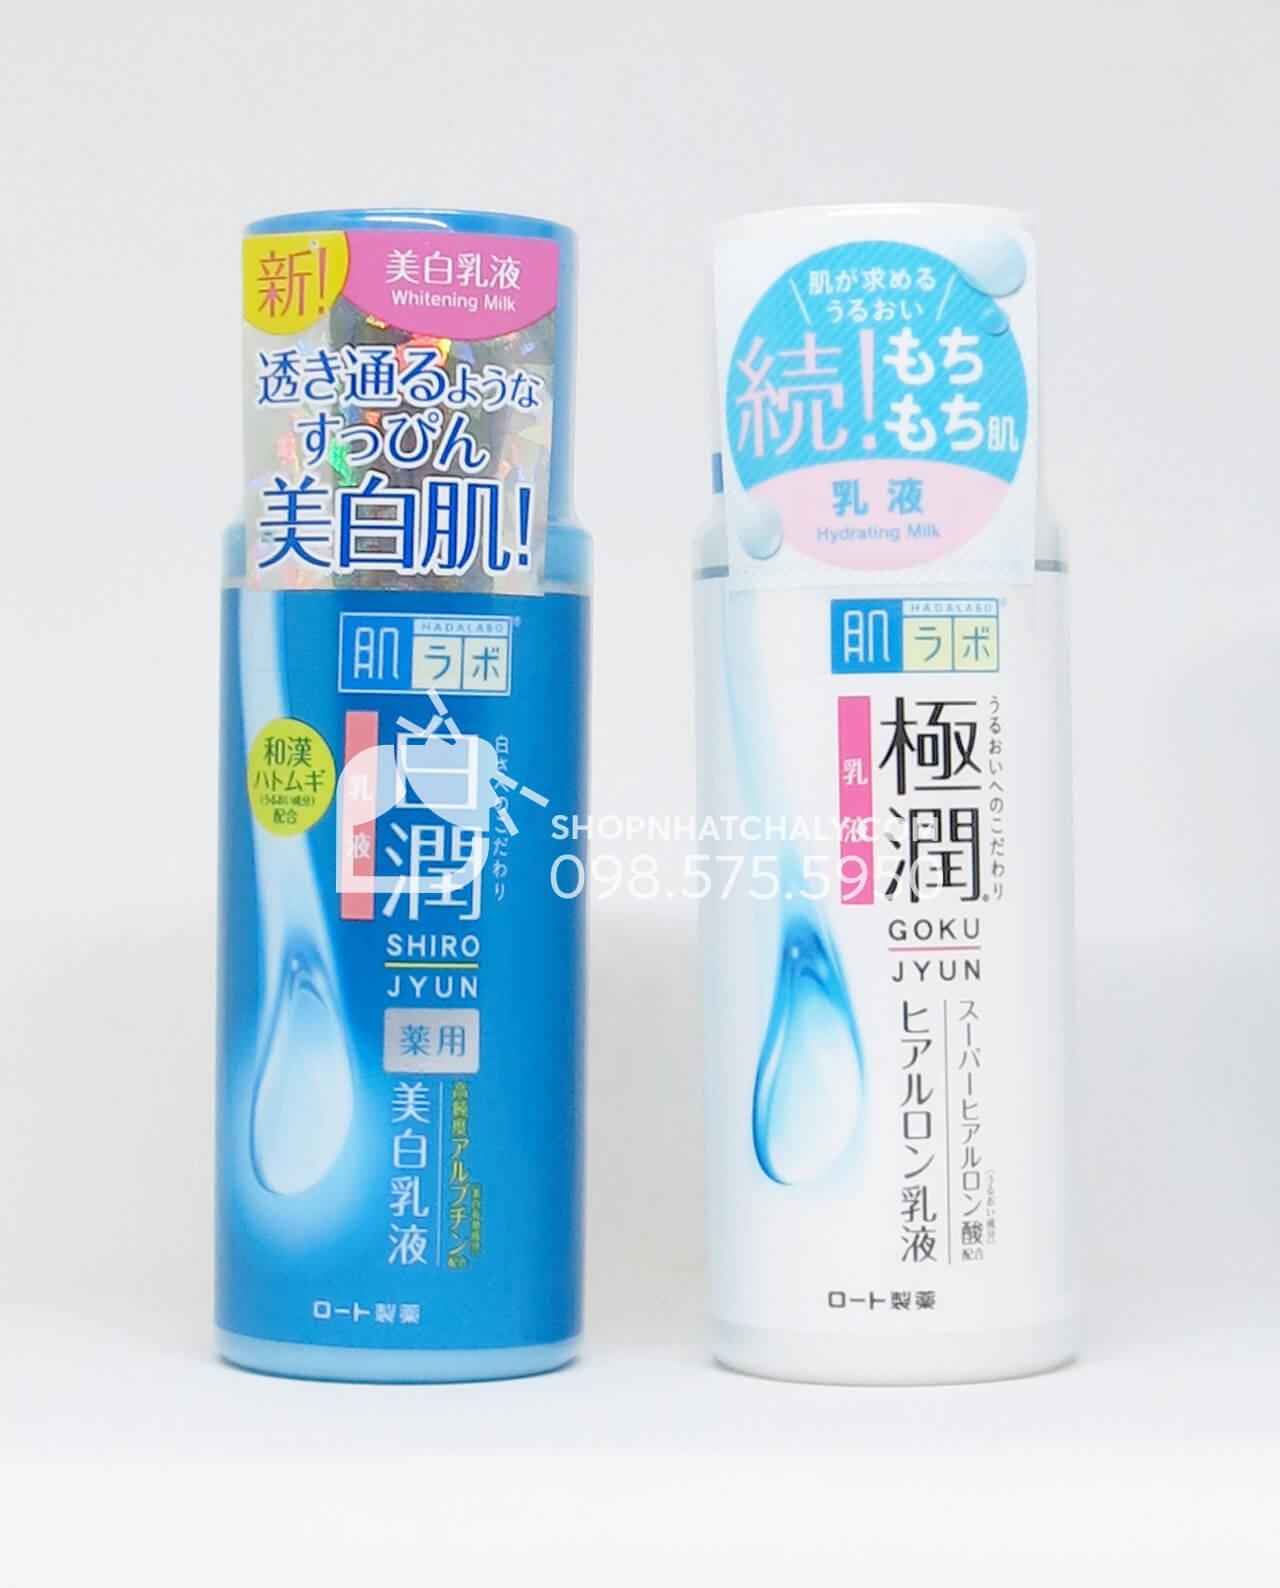 Sữa dưỡng Hada Labo emulsion xách tay Nhật nội địa, cấp ẩm tốt với bạt ngàn thành phần hyaluronic acid giúp da ẩm mịn, mềm mại. Giá thành học sinh sinh viên dễ sử dụng